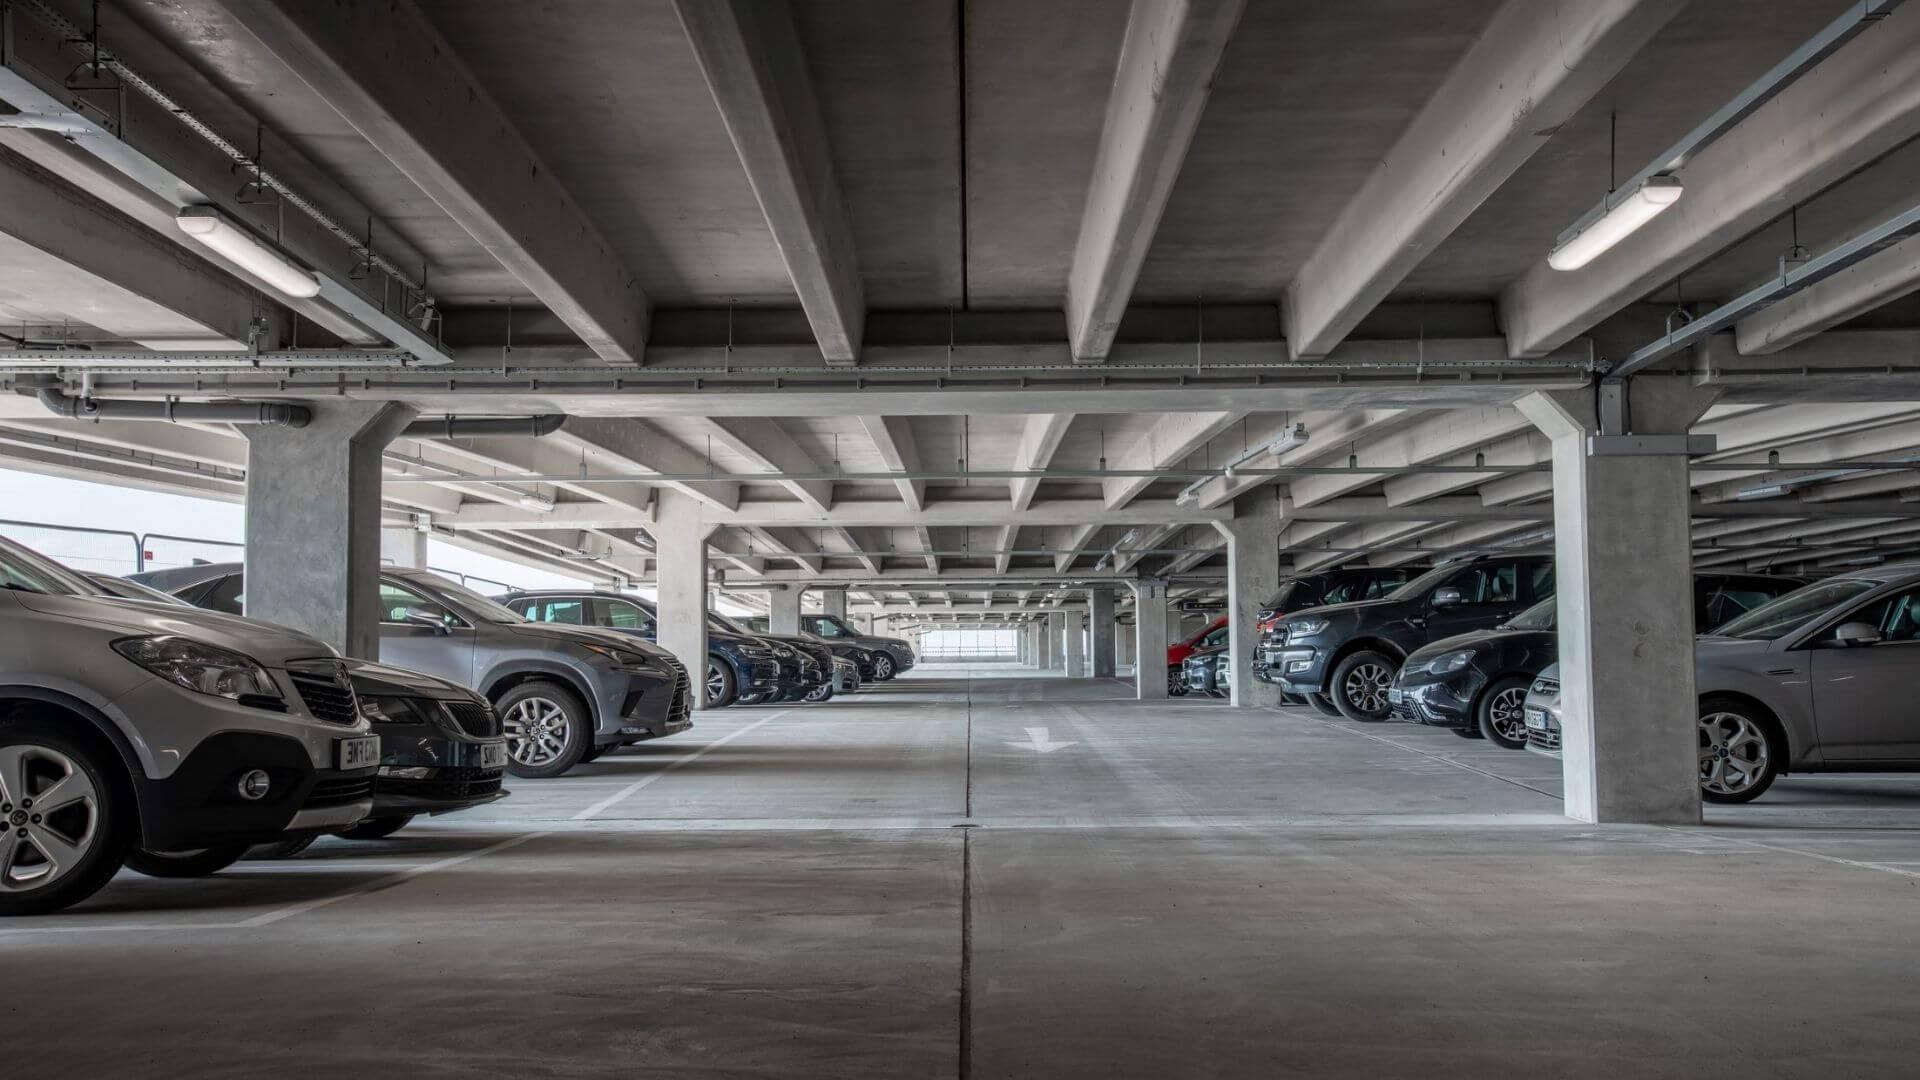 Underground Concrete Carpark